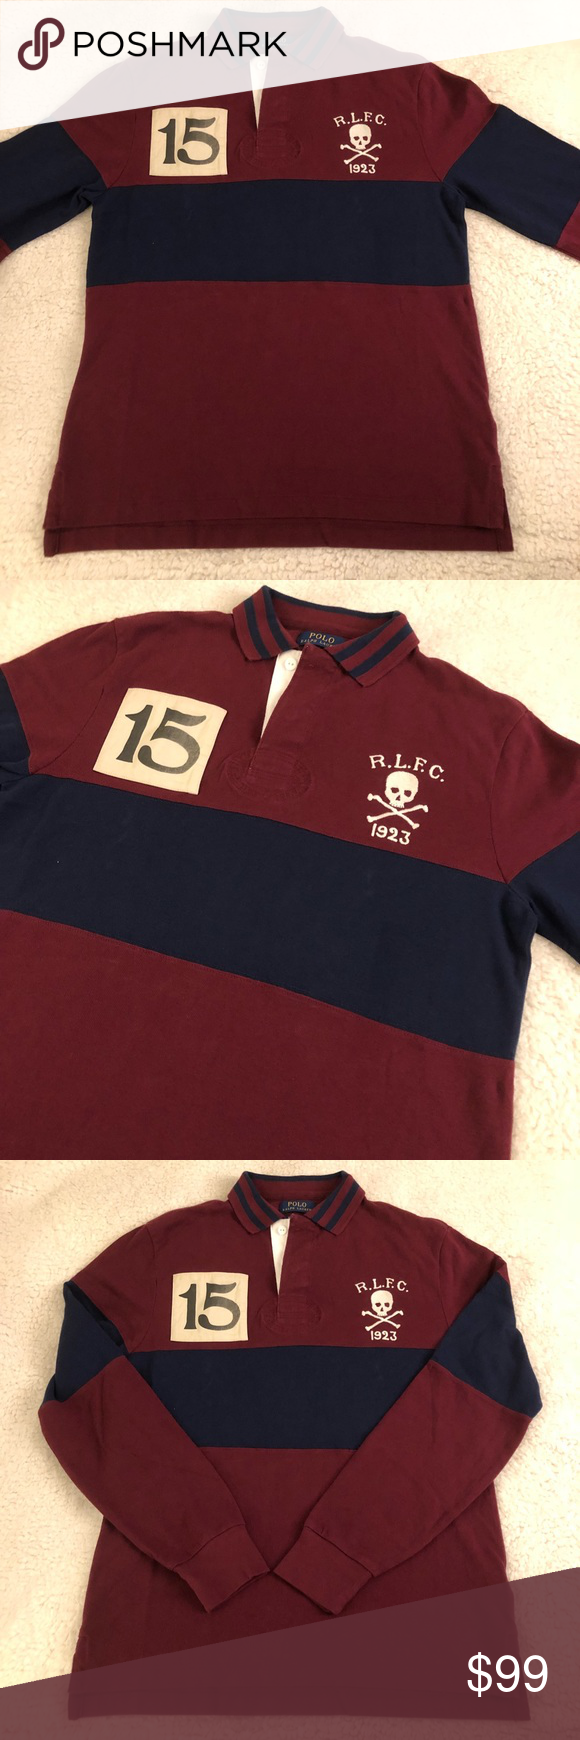 b8d14cdbe1bc Navy Blue · POLO RALPH LAUREN Mens Skull  amp  Bones Rugby Shirt POLO RALPH  LAUREN Long Sleeve Shirt